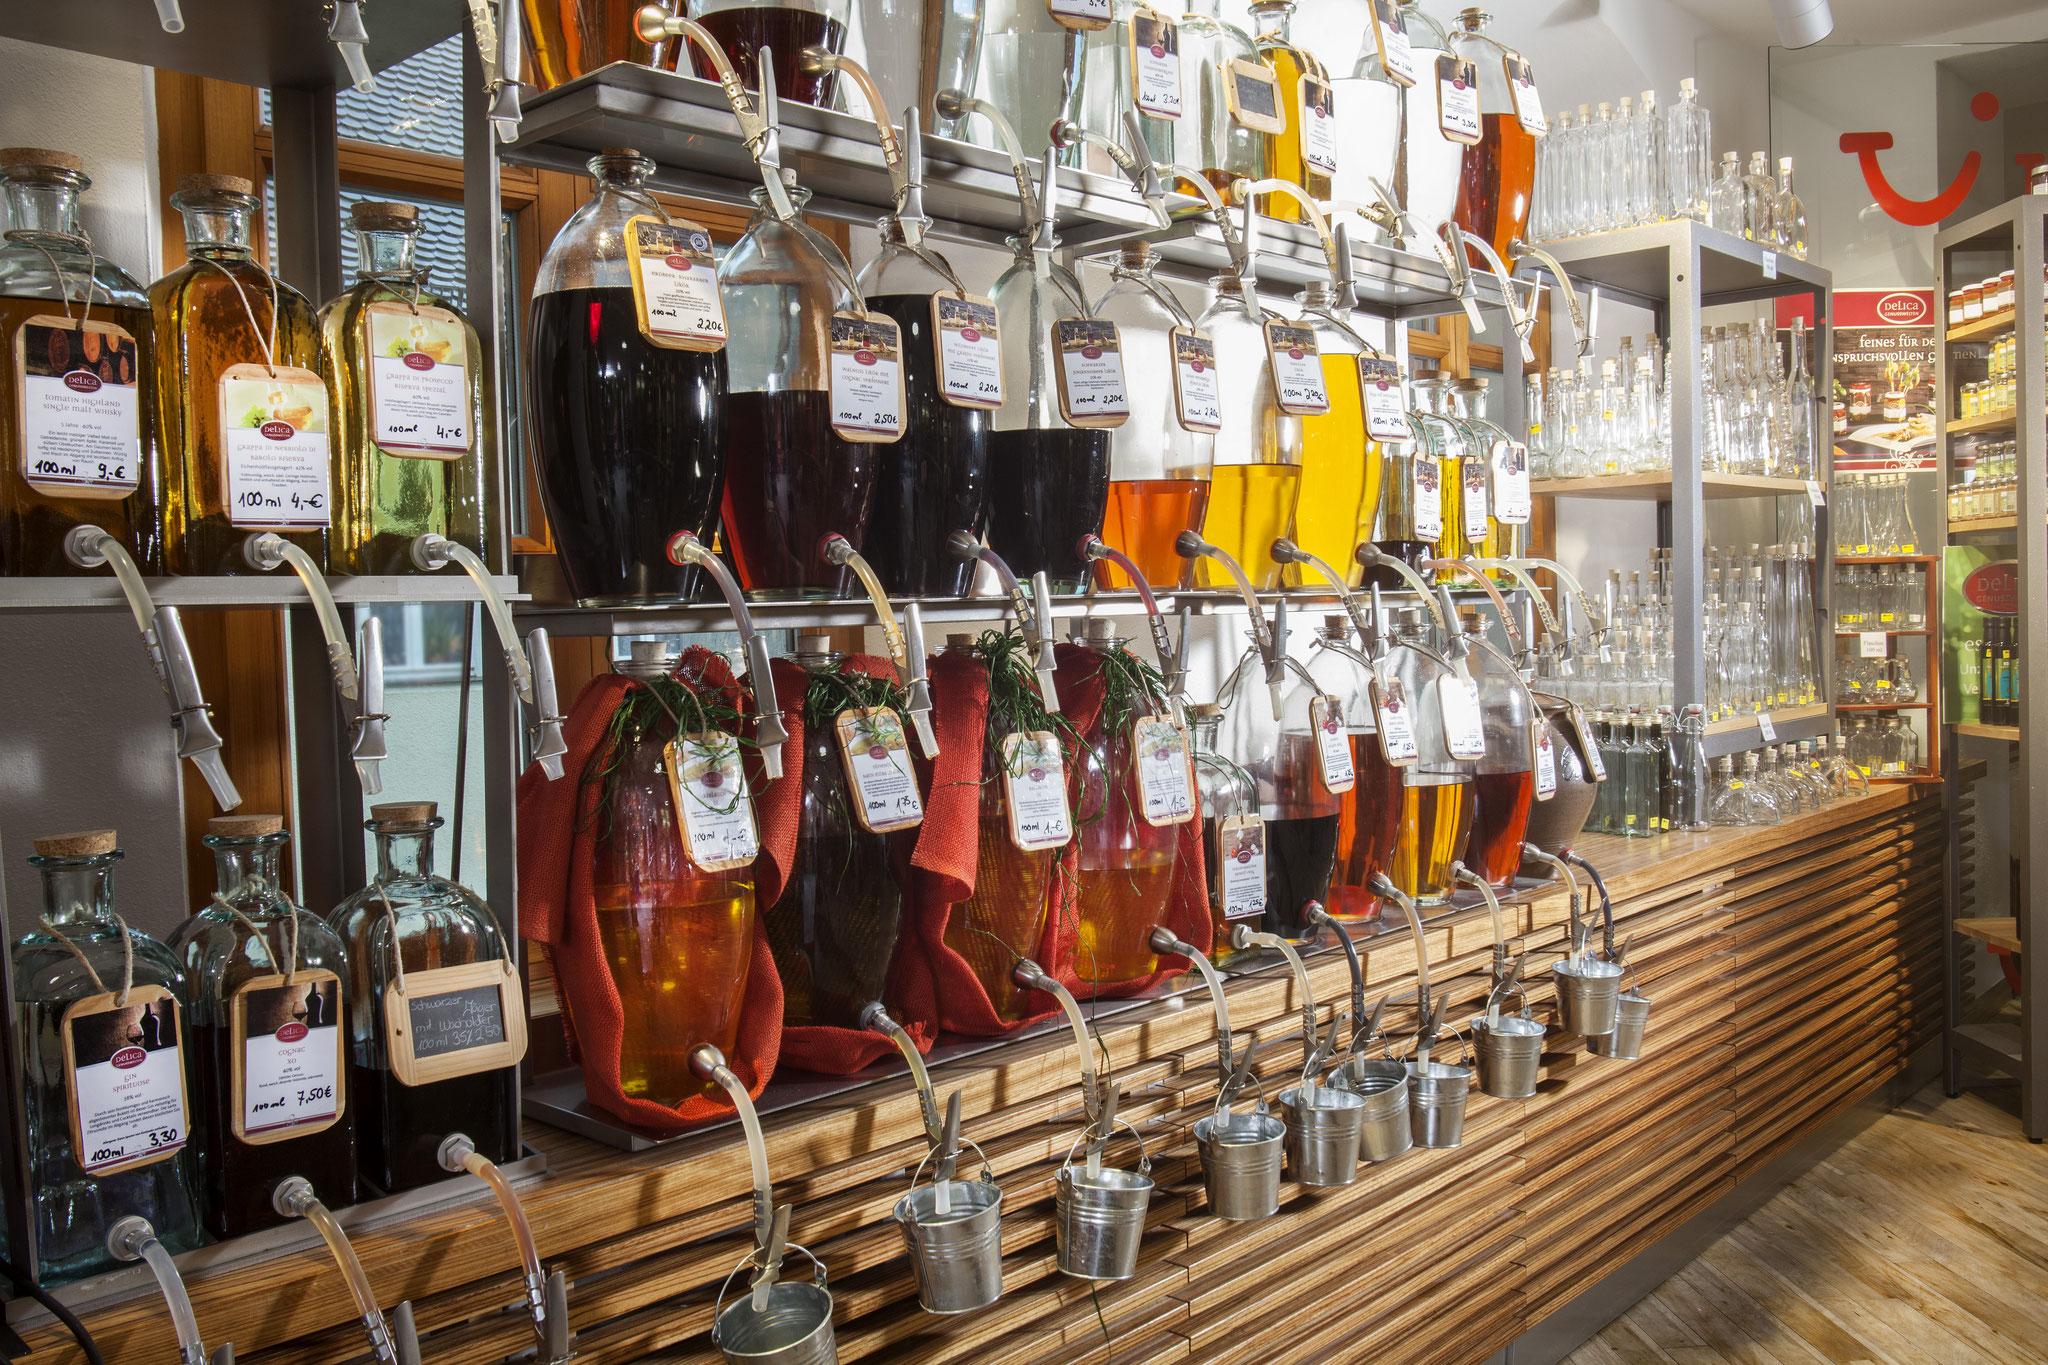 Feinkost Essig Öl zum abfüllen bei Ottmann in Sulzbach-Rosenberg